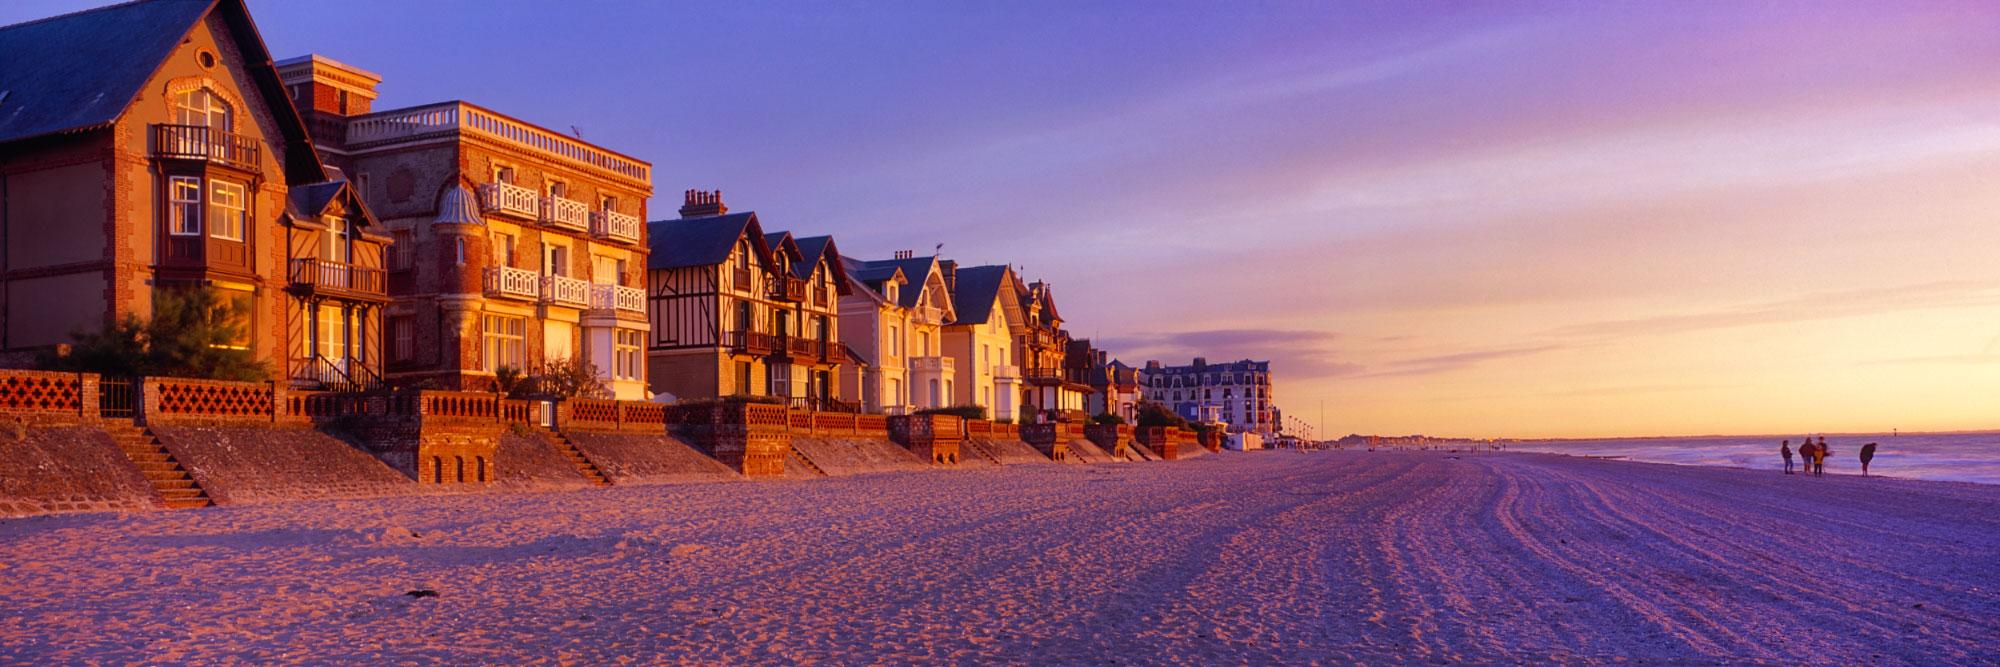 Villas 'fin de siècle', plage d'Houlgate, Côte fleurie